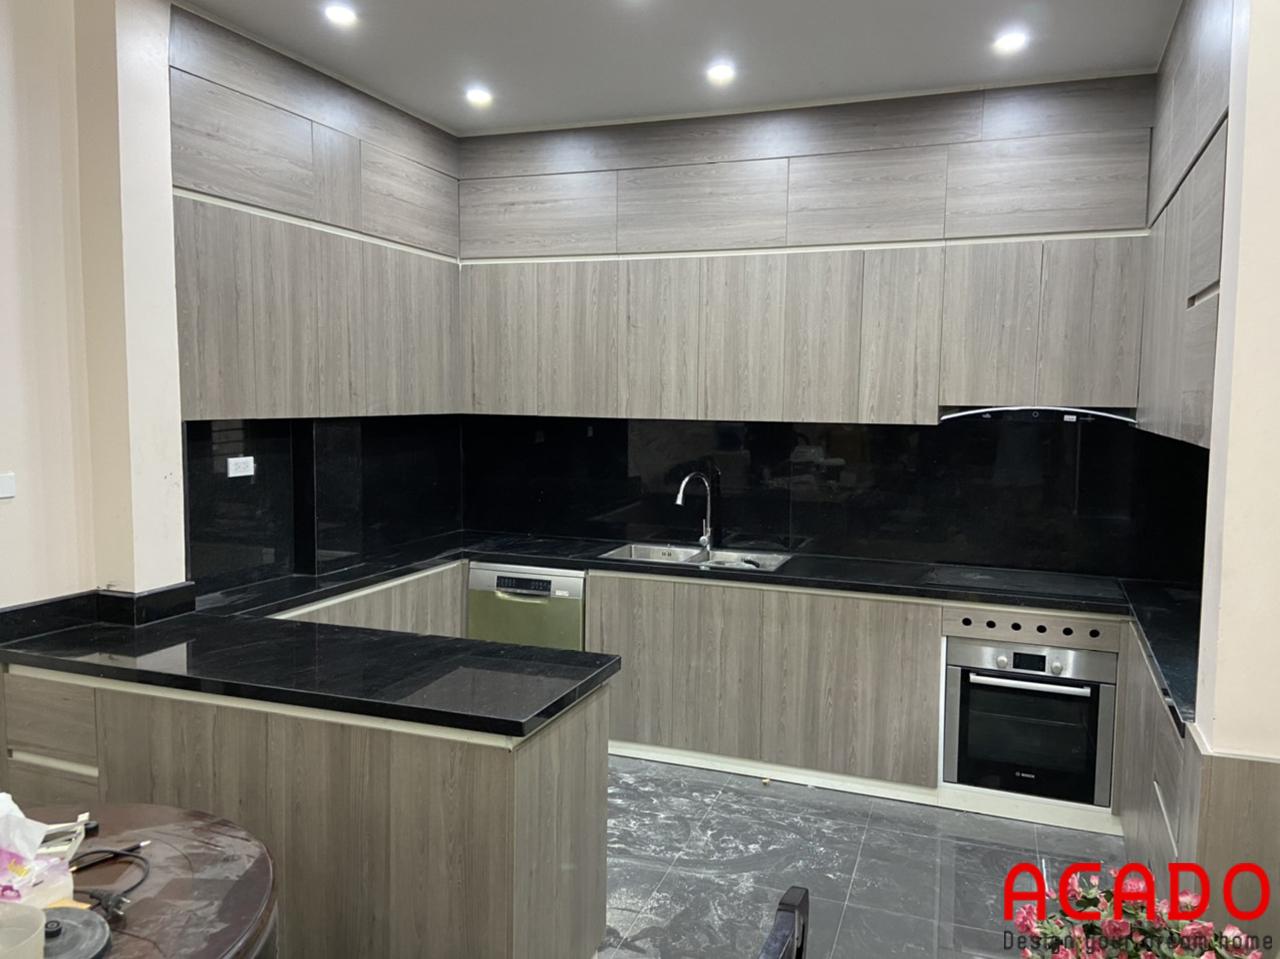 Tủ bếp gia đình anh Quý đã hoàn thiện, chất liệu gỗ công nghiệp Laminate màu vân gỗ sang trọng